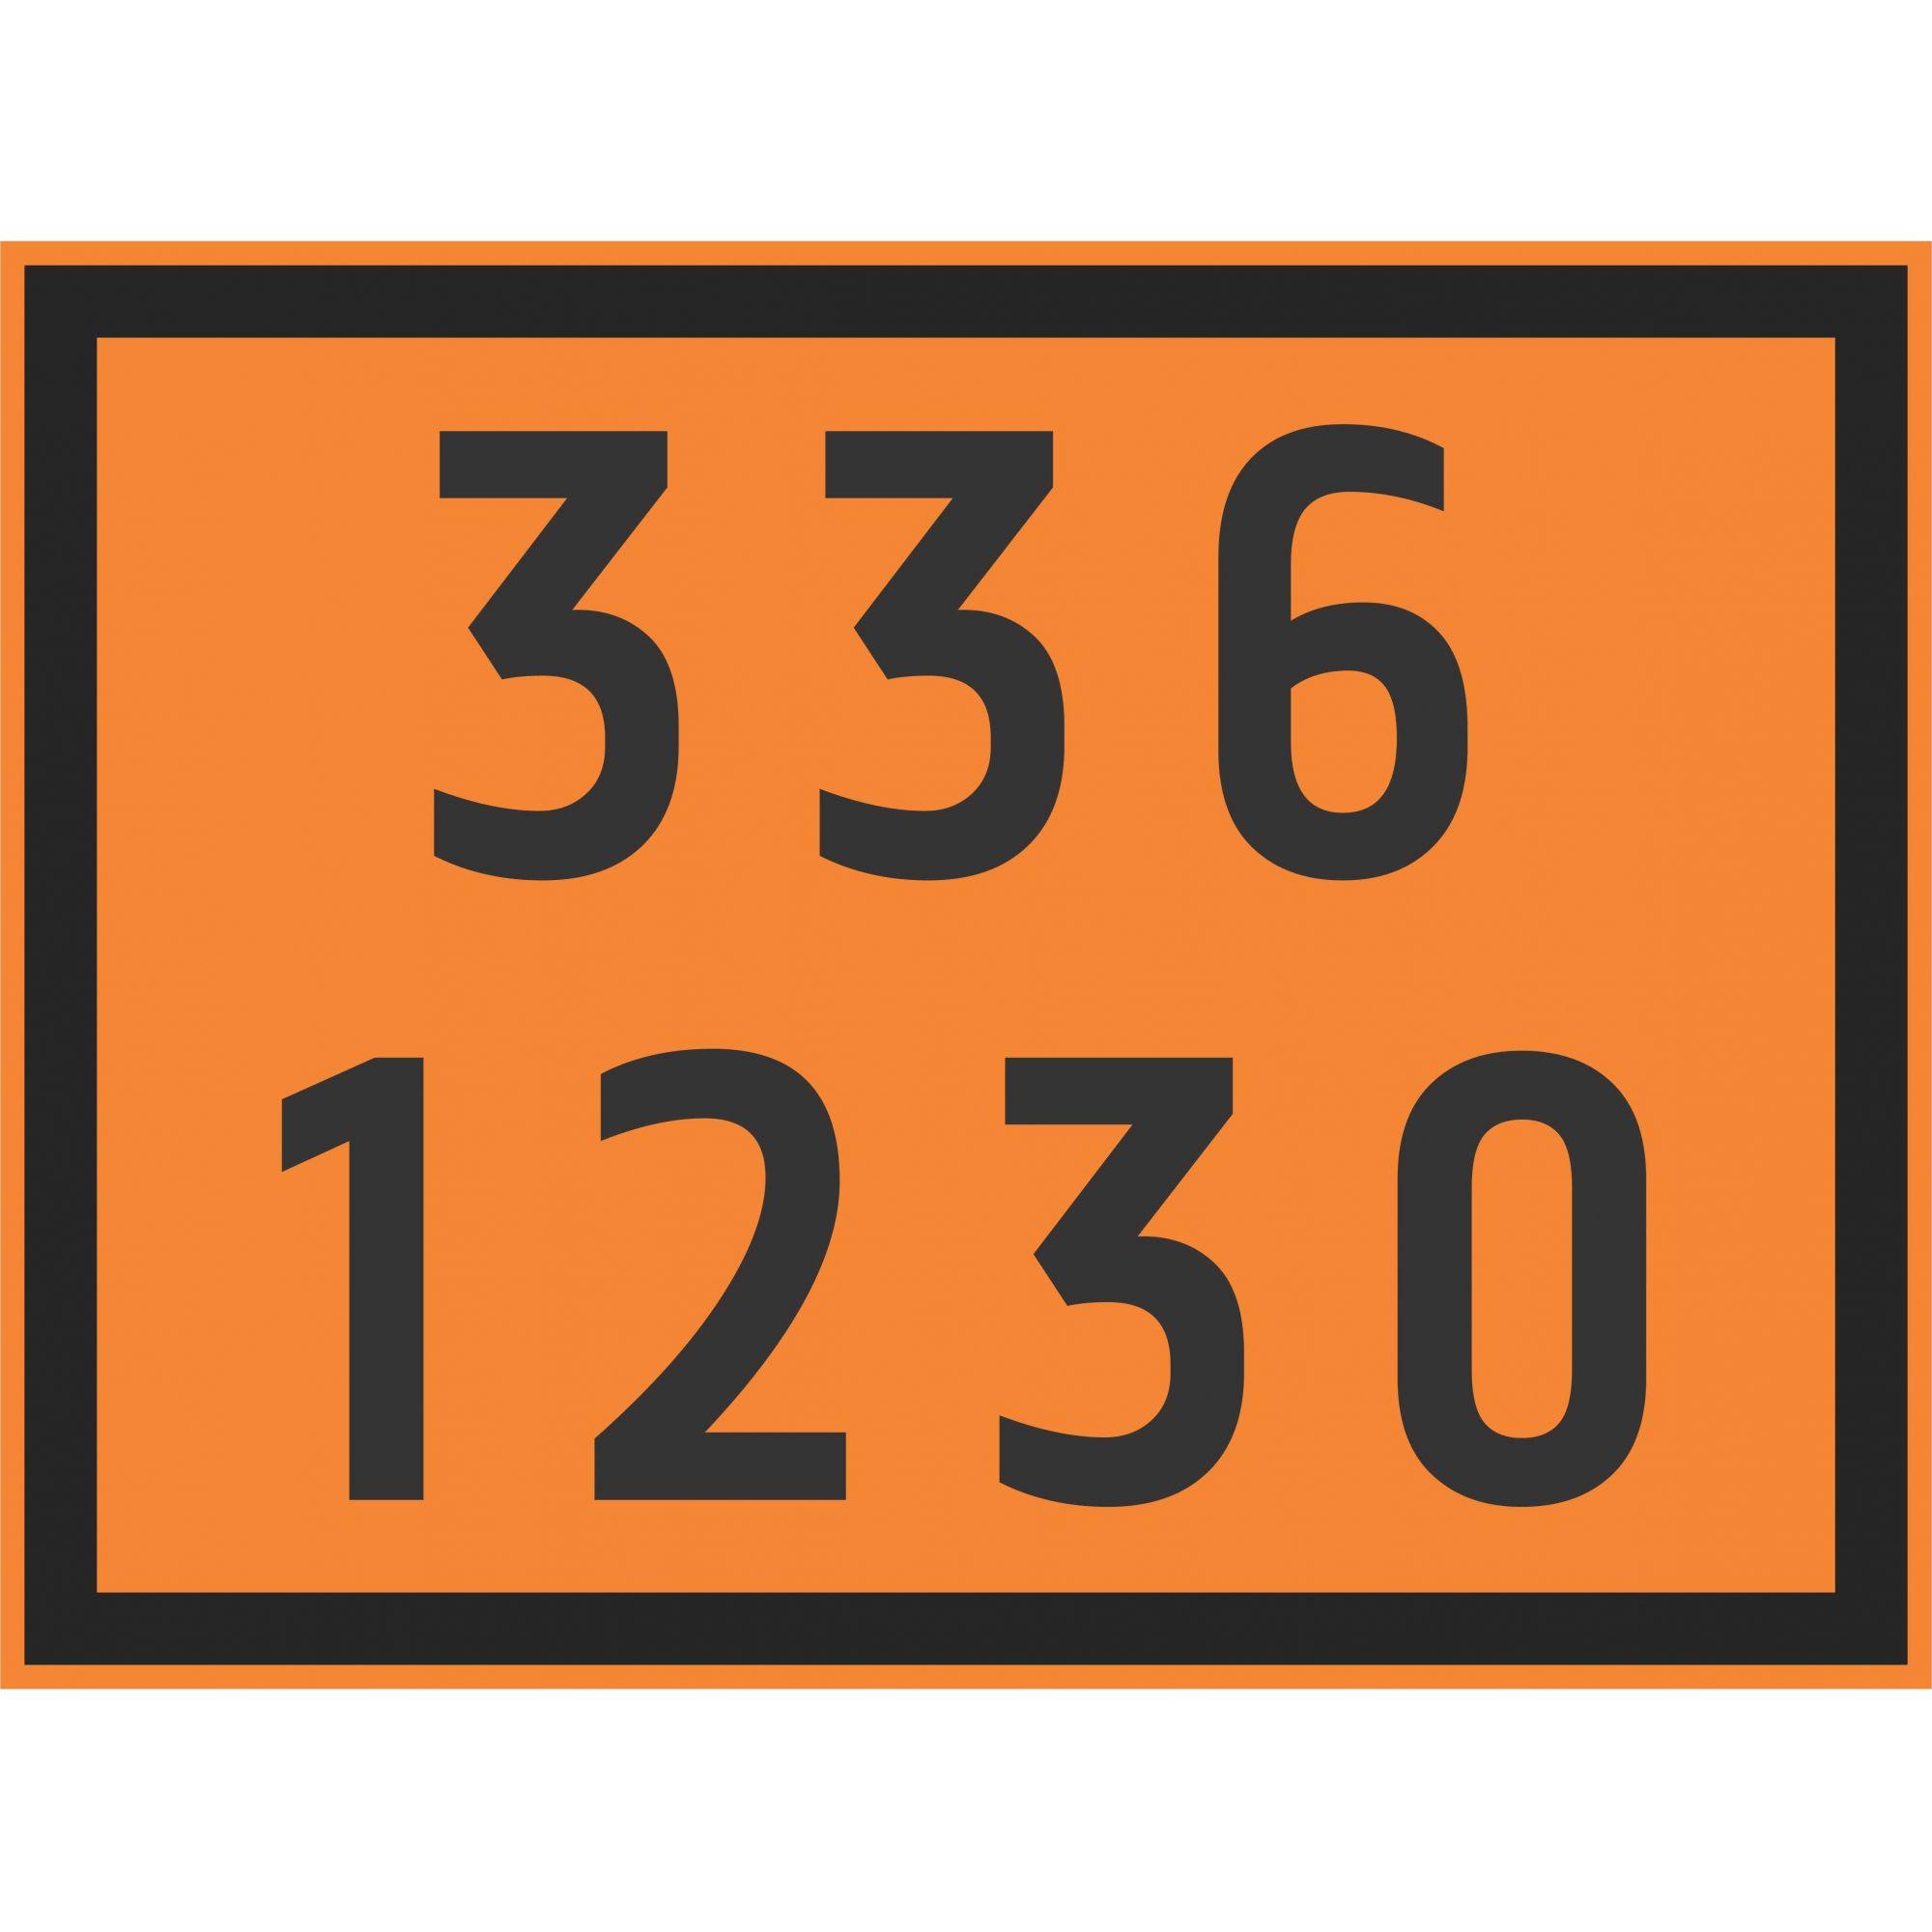 METANOL 1230  - Towbar Sinalização de Segurança